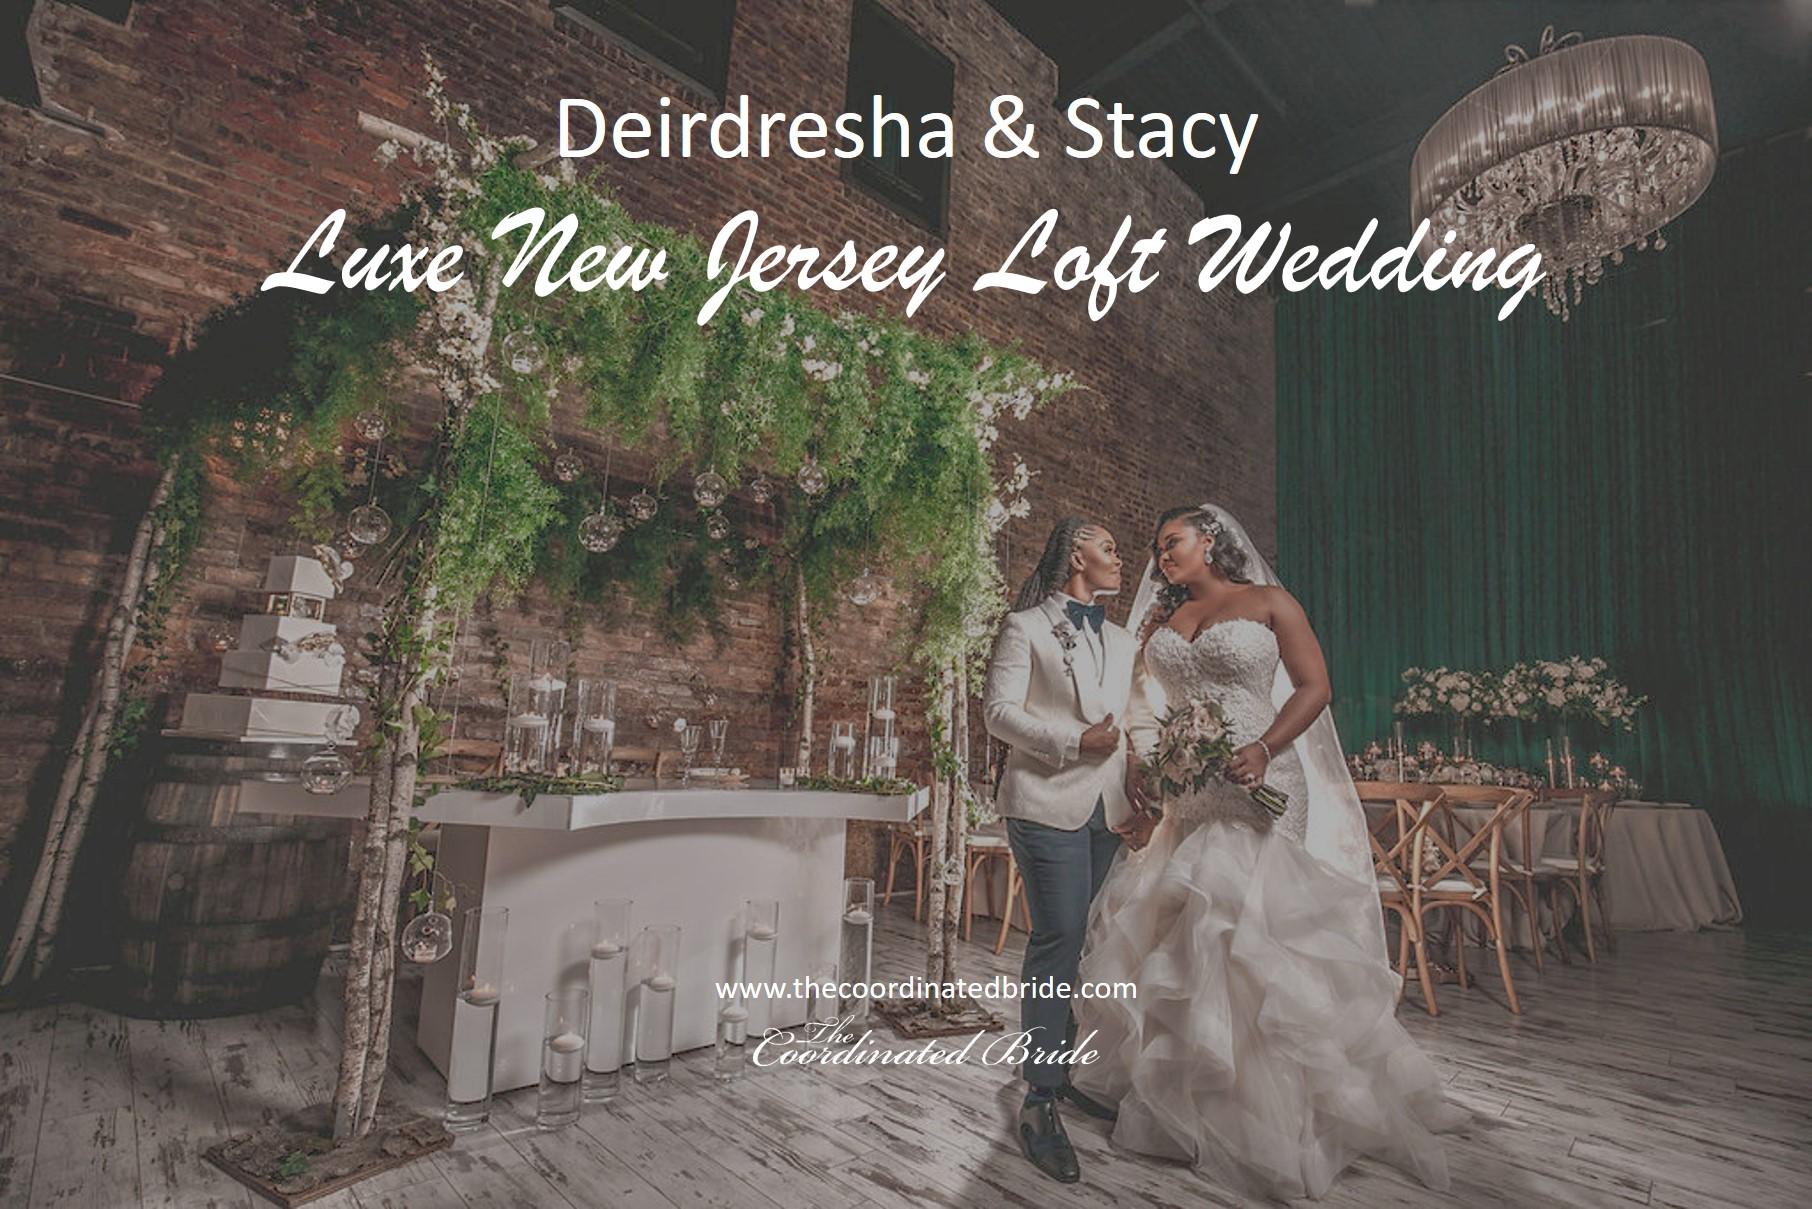 A Luxe New Jersey Loft Wedding, Deirdresha & Stacy